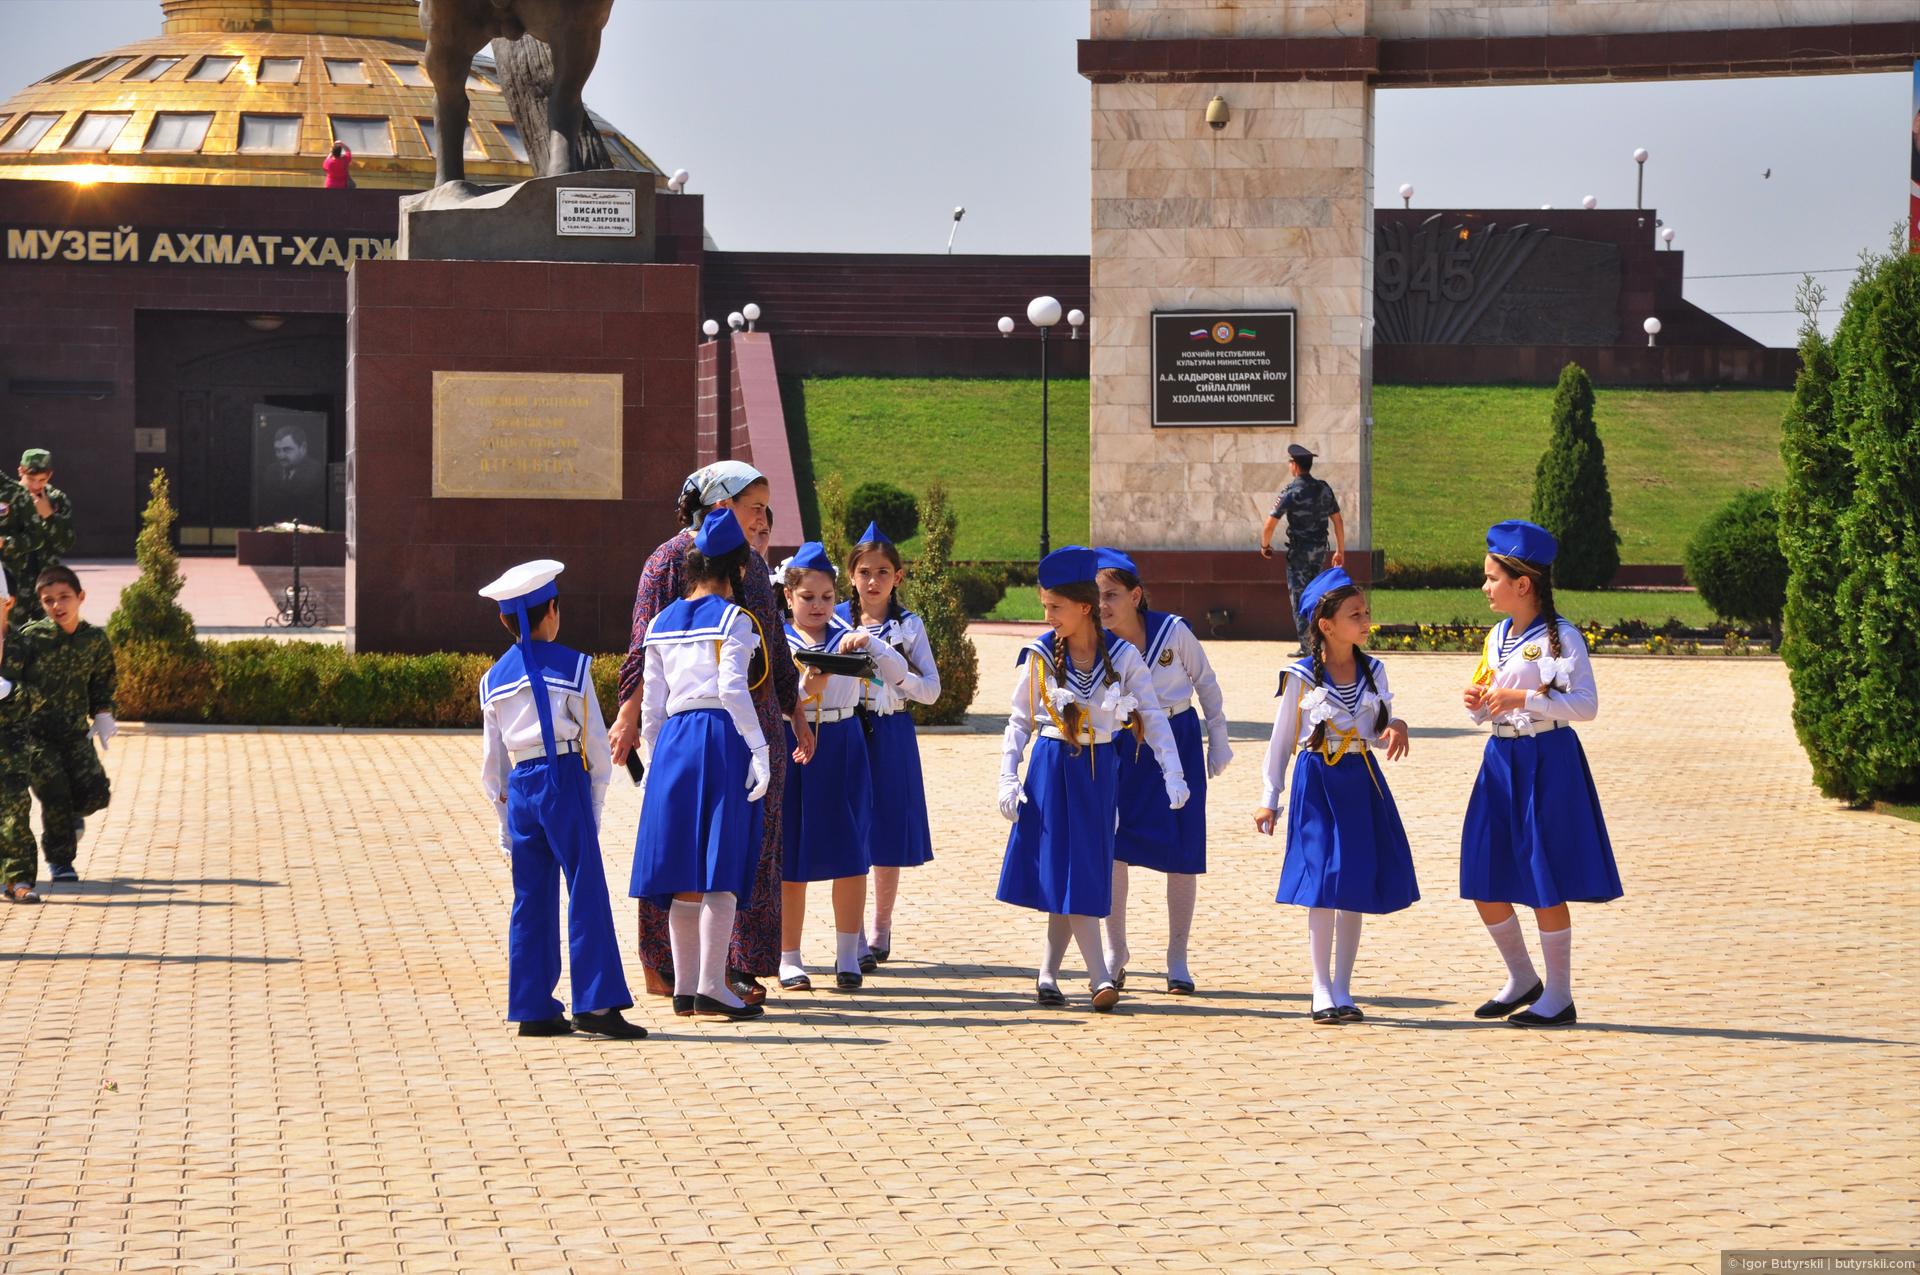 34. В день, когда я был в Грозном, в России отмечался «День флага». Было много людей с флагами, а также детей., Грозный